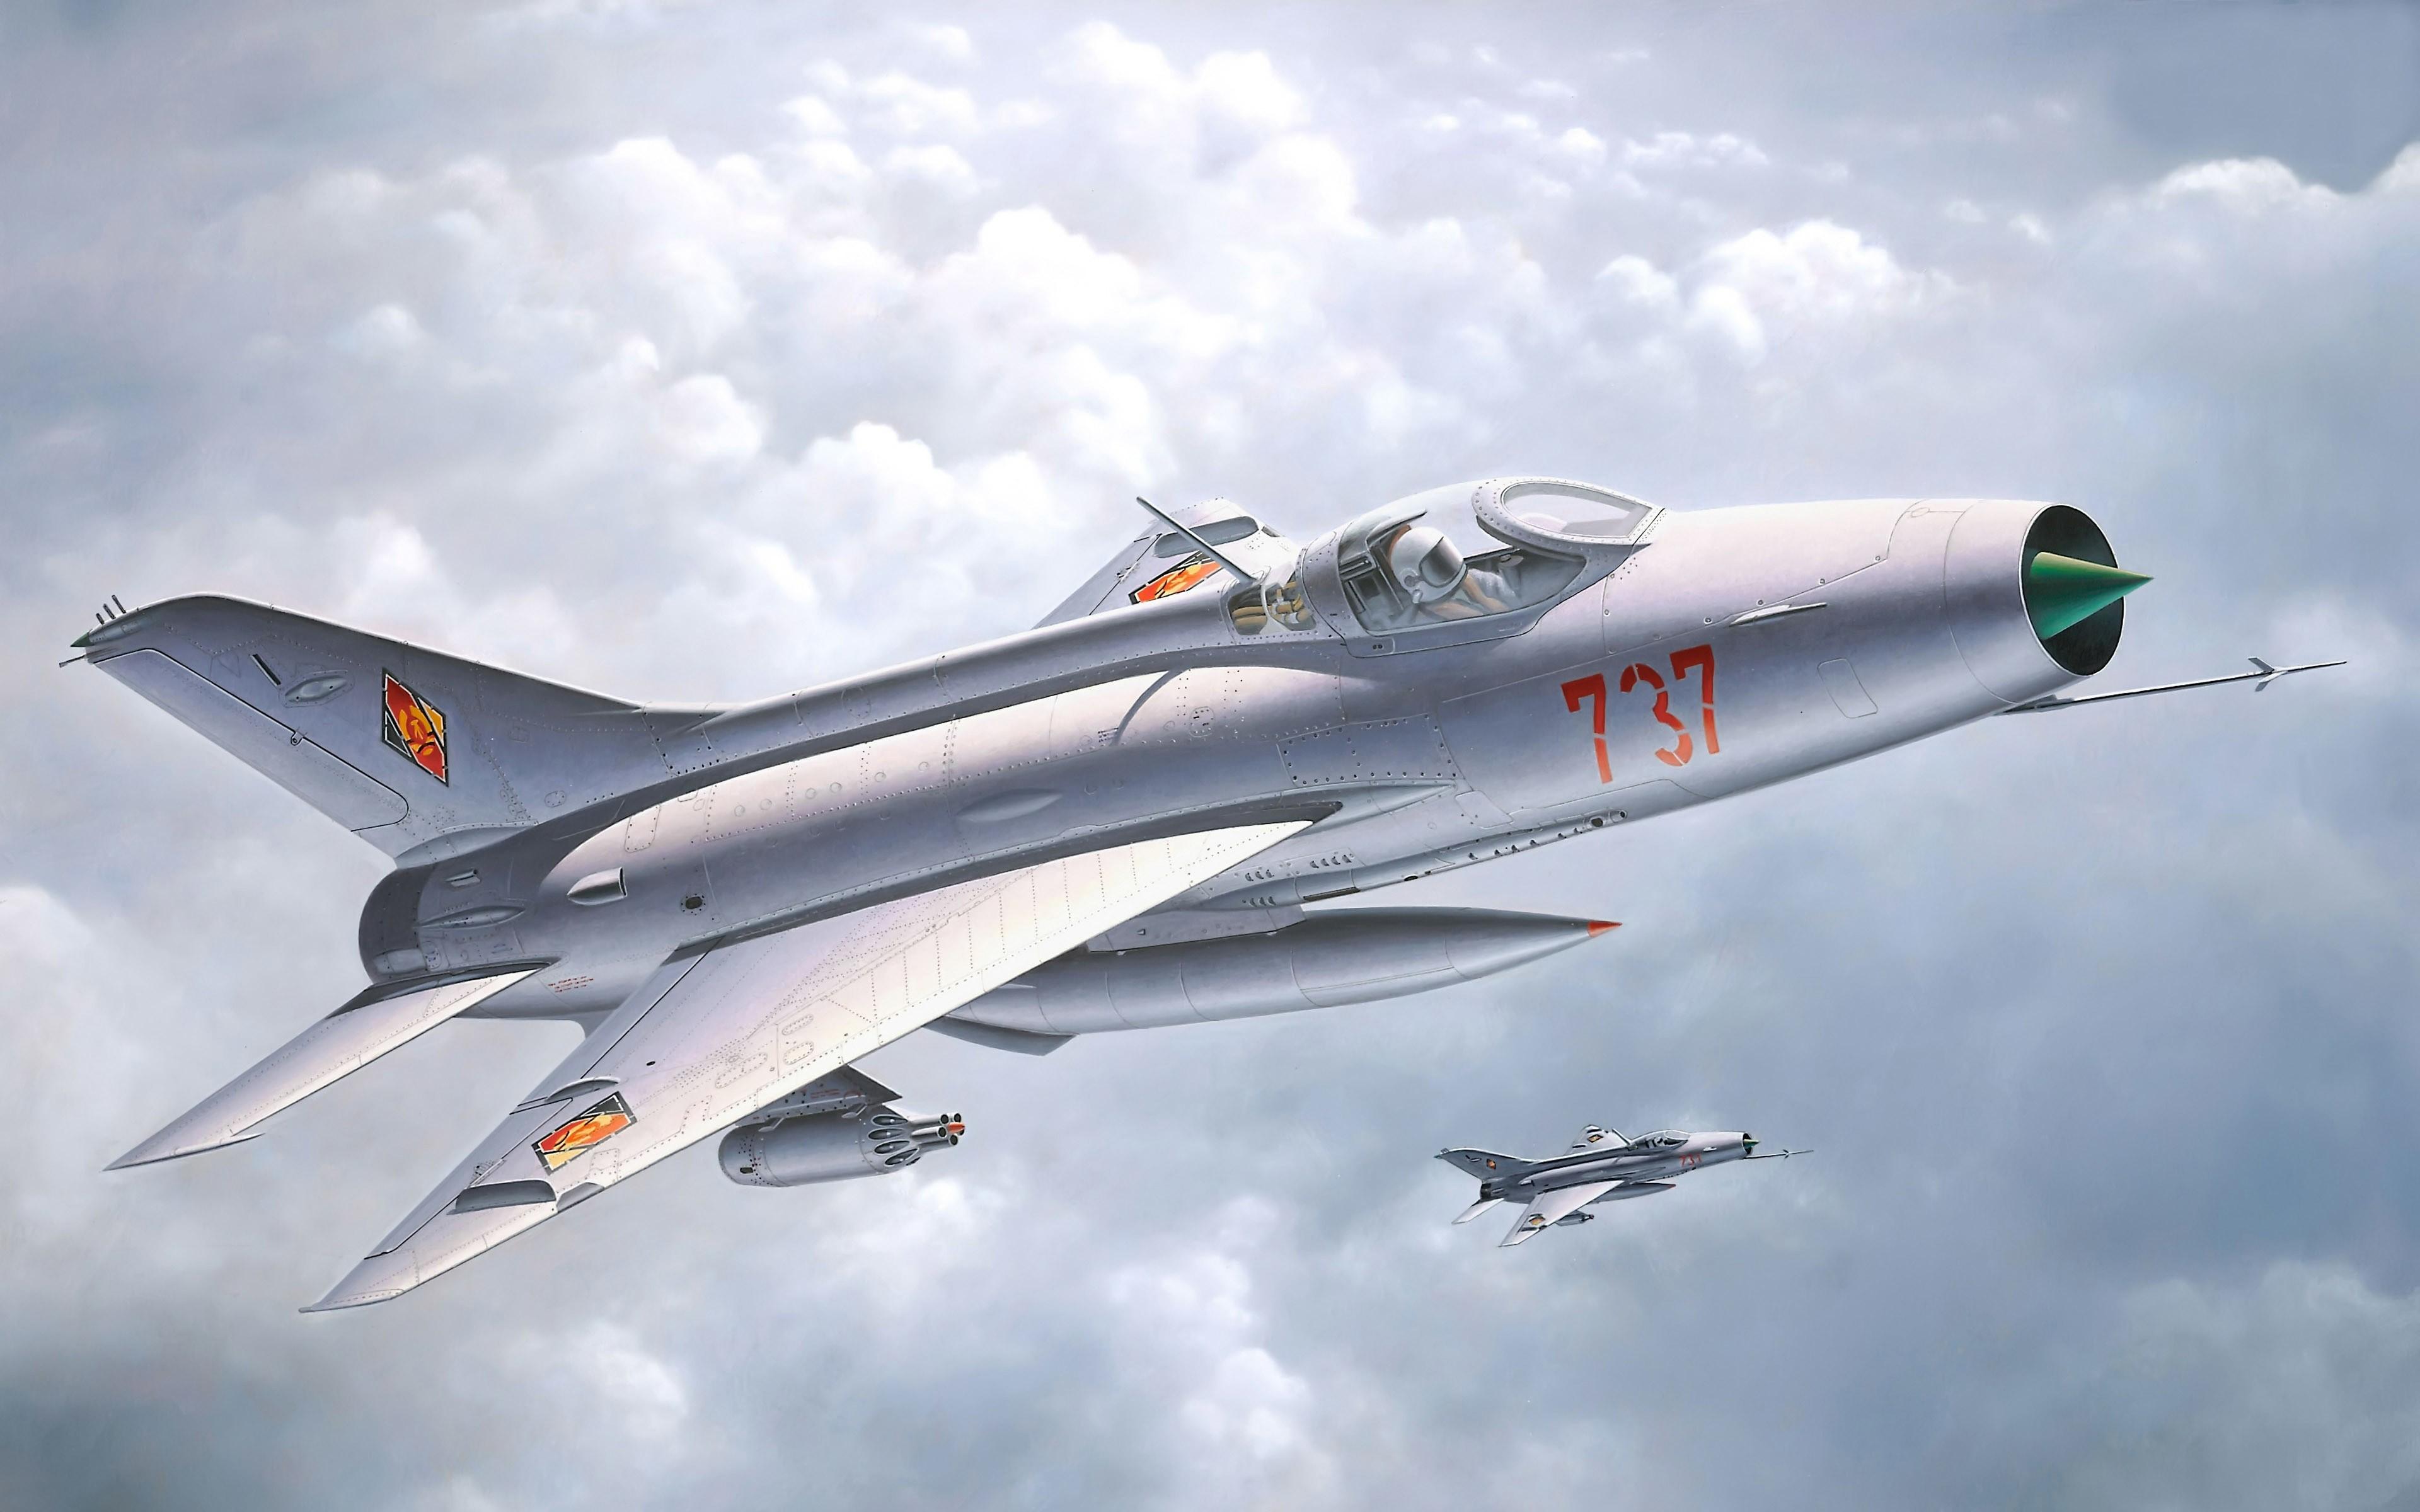 Mig 21 f13 war thunder aircraft